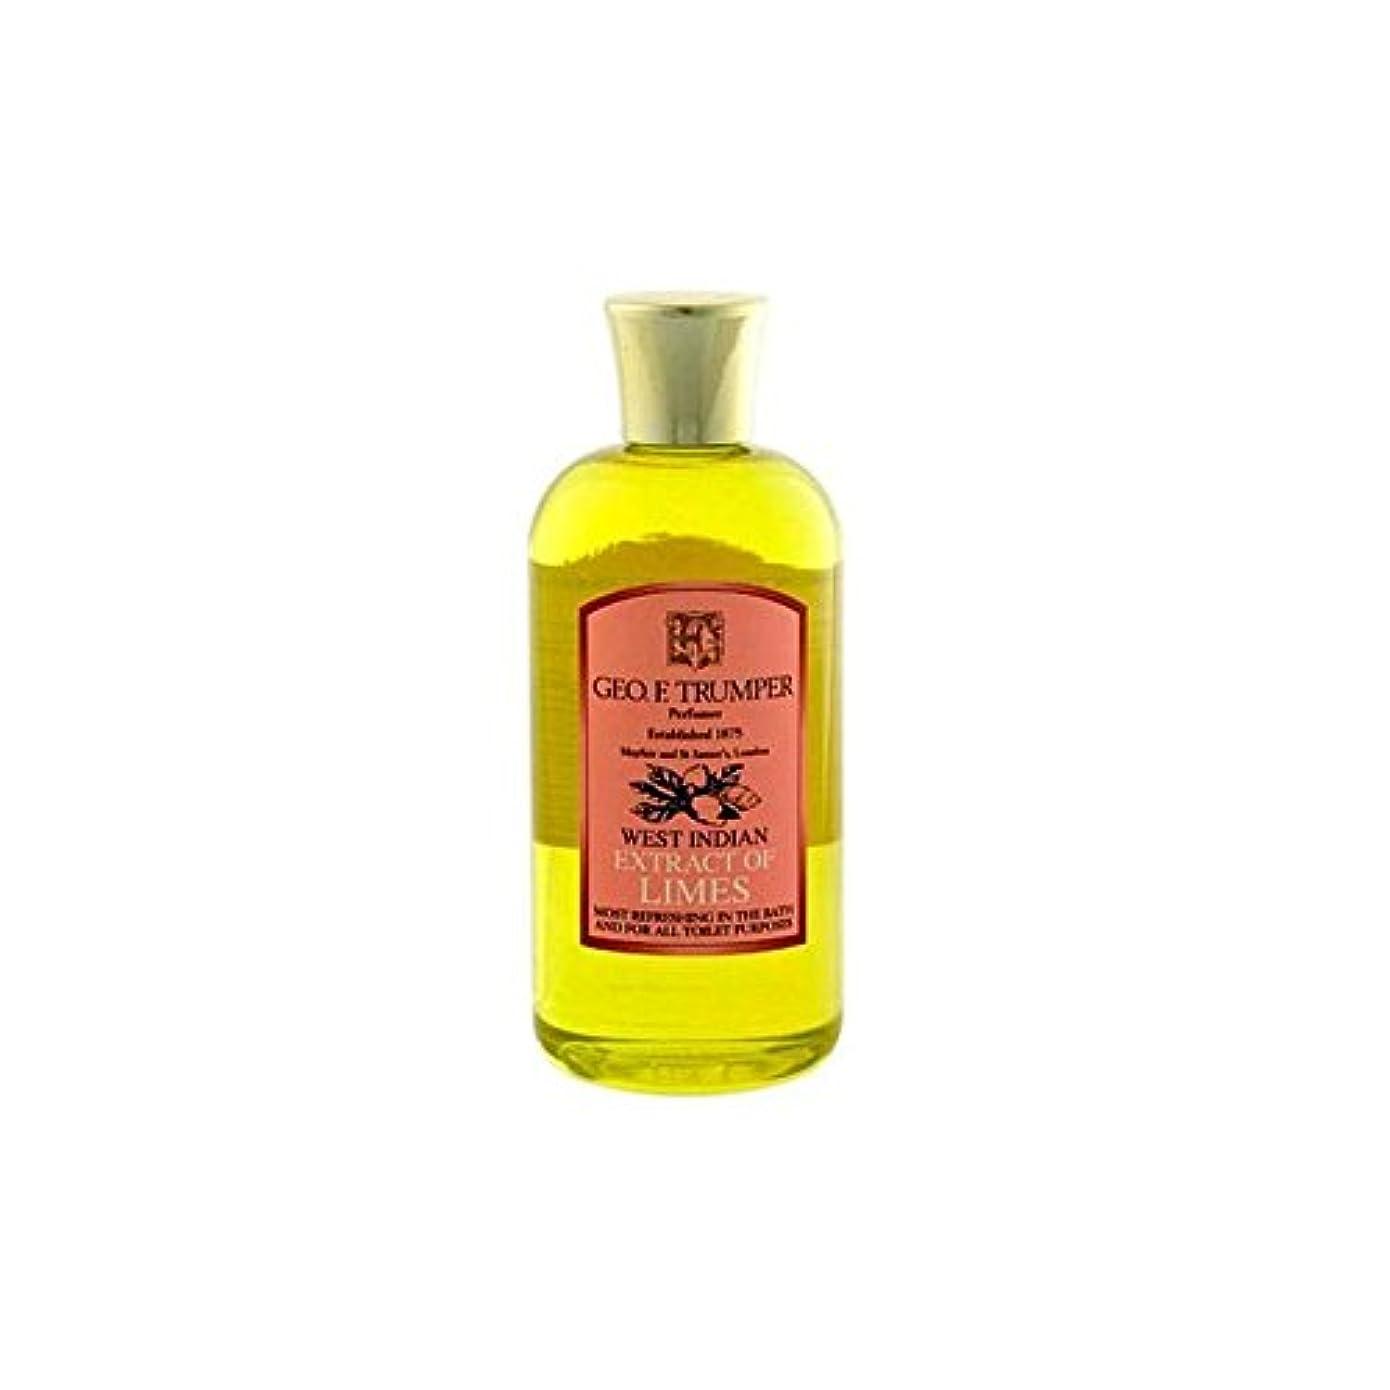 リス驚くべき持っているライムのバスタブとシャワージェル200の抽出物を x4 - Trumpers Extracts of Limes Bath and Shower Gel 200ml (Pack of 4) [並行輸入品]